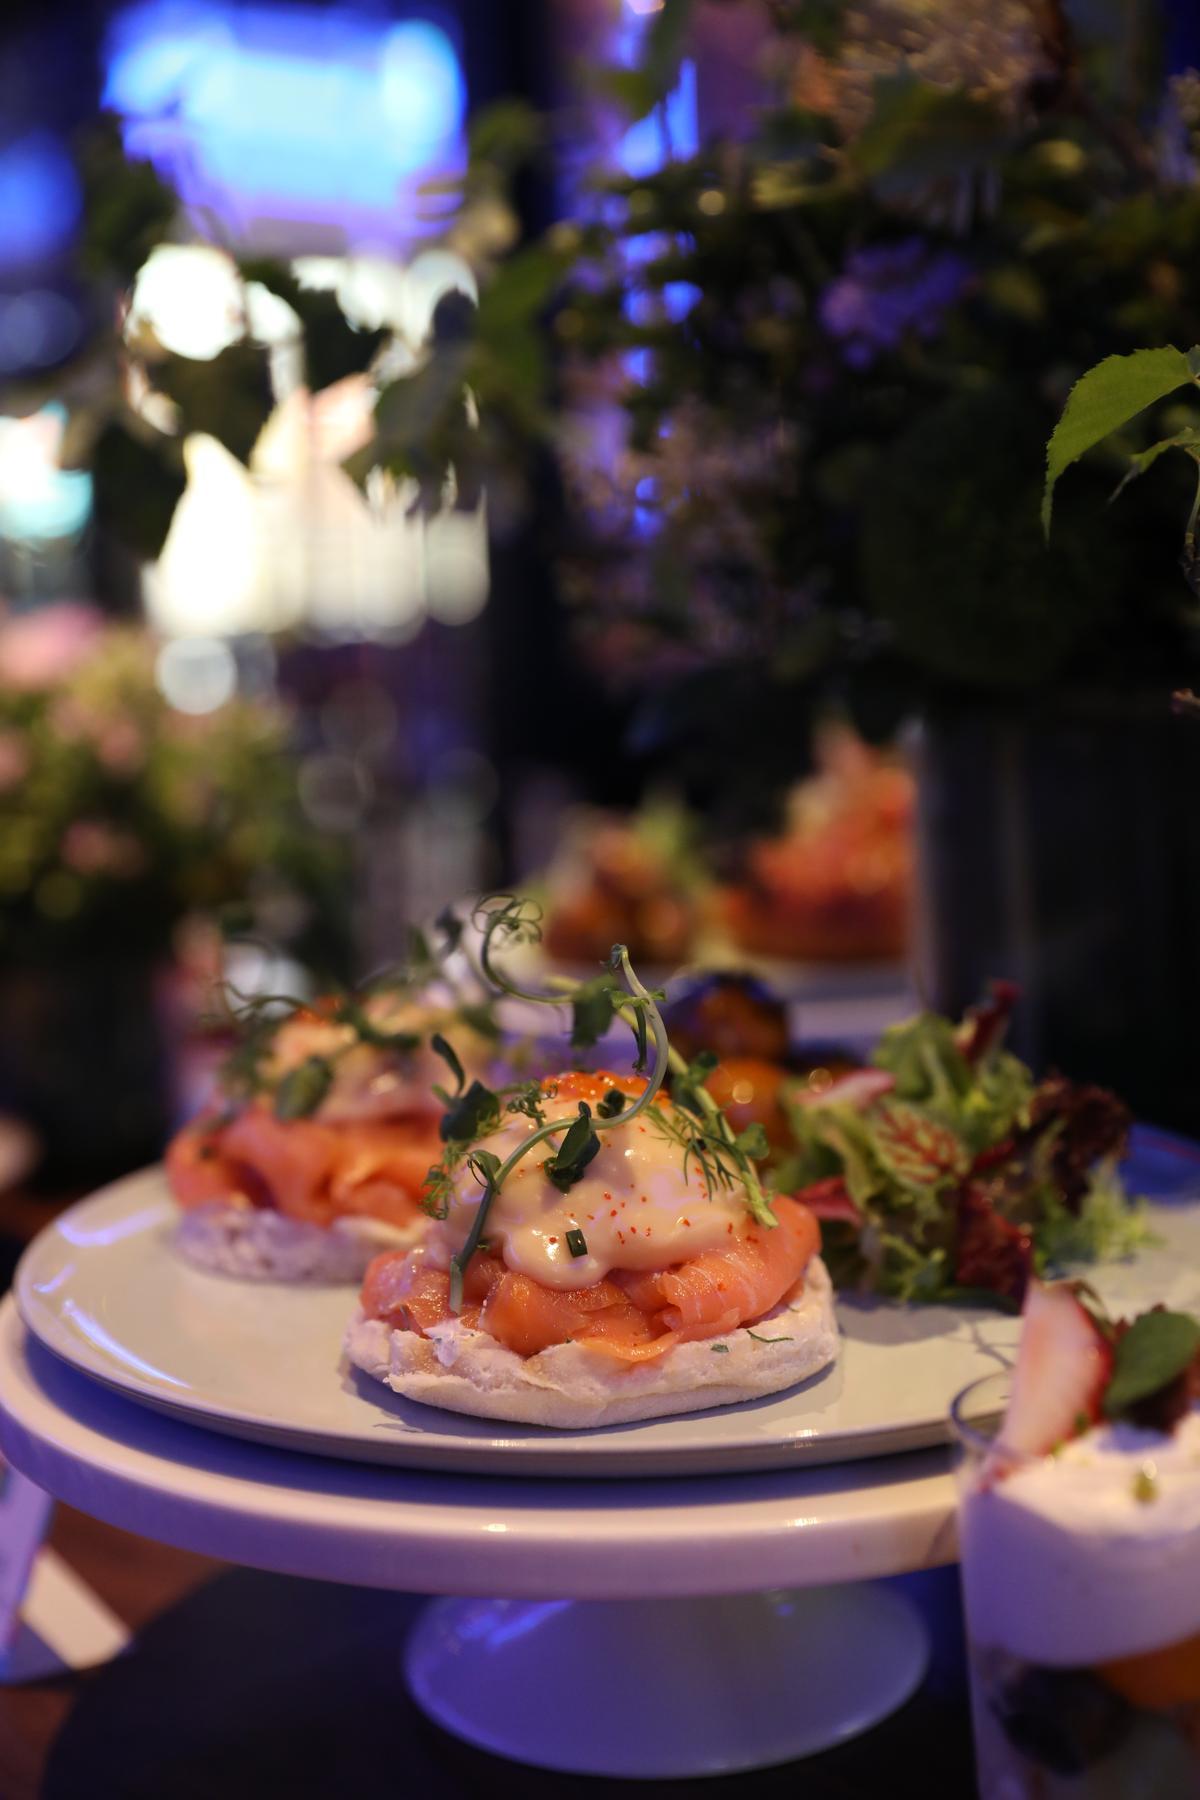 「燻鮭魚班尼迪克蛋」還配上以鴨油油封低溫烤至鬆軟的馬鈴薯,淋上香濃法式肉汁,叫人胃口大開。(560元/份)